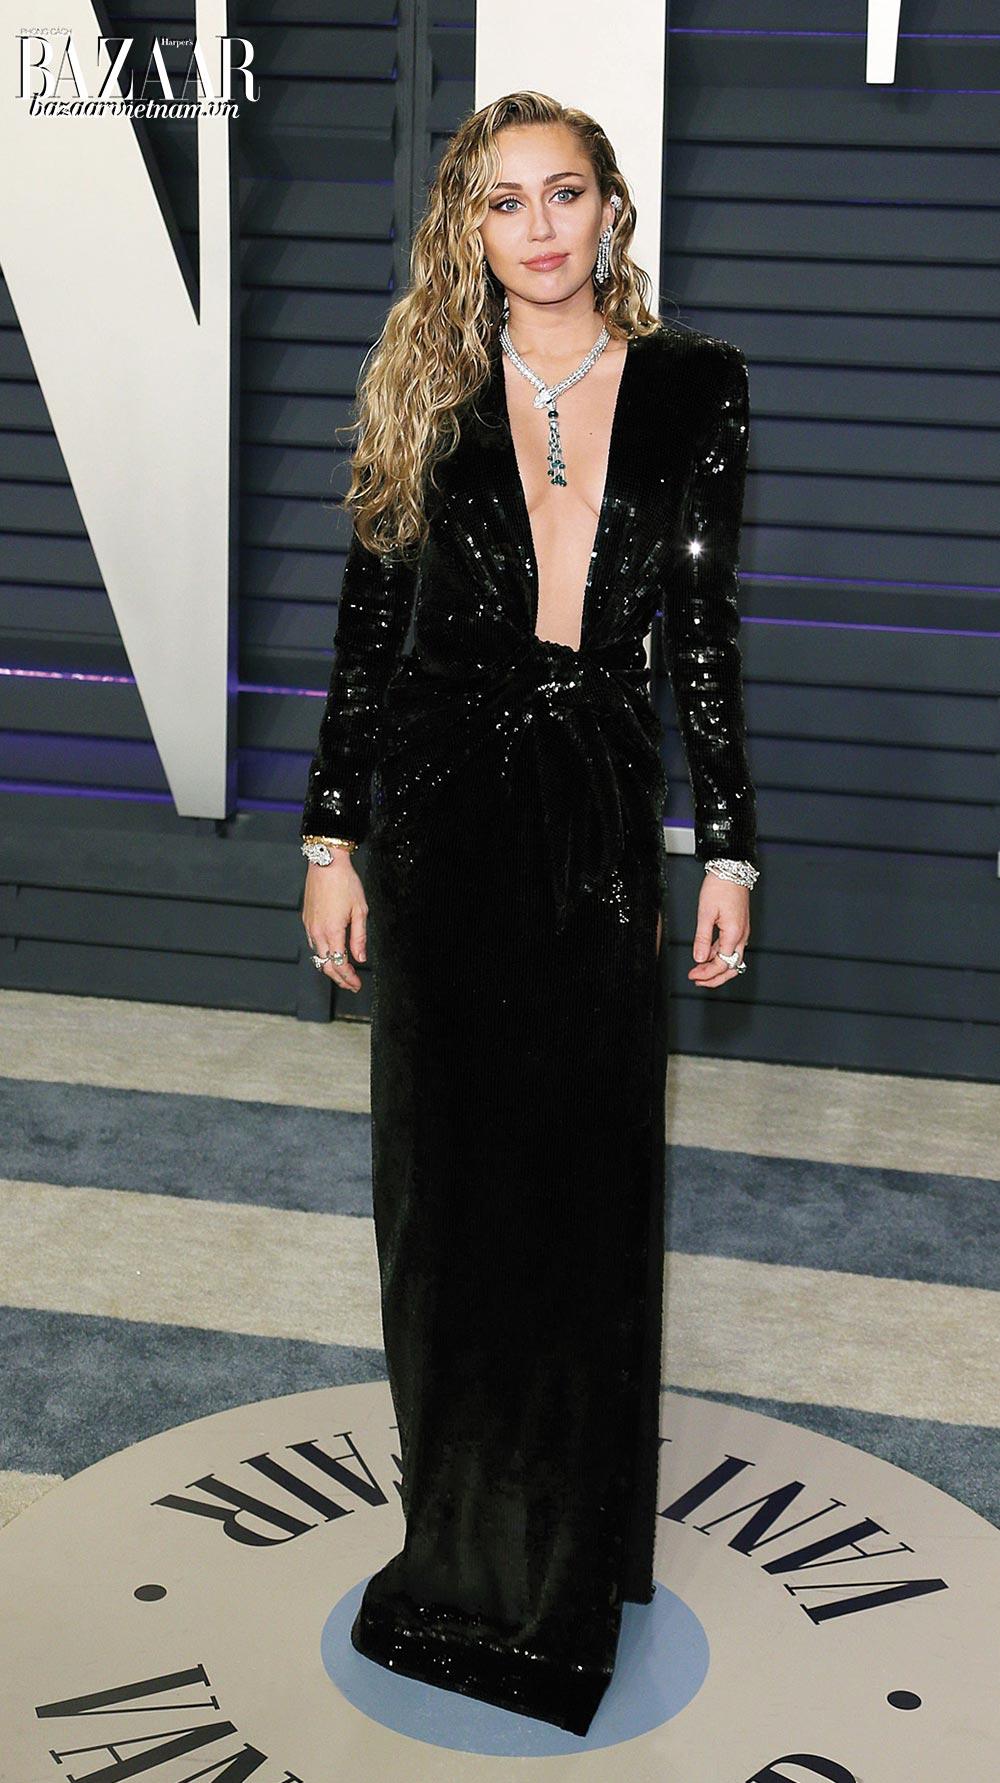 """Bộ đầm sequin xẻ bạo của Miley Cyrus là minh chứng cho cụm từ """"Dress-to-kill"""". Thiết kế màu đen không hề đơn điệu khi kết hợp với cổ áo xẻ sâu. Cô mặc thiết kế của Saint Laurent phối cùng trang sức Bvlgari."""